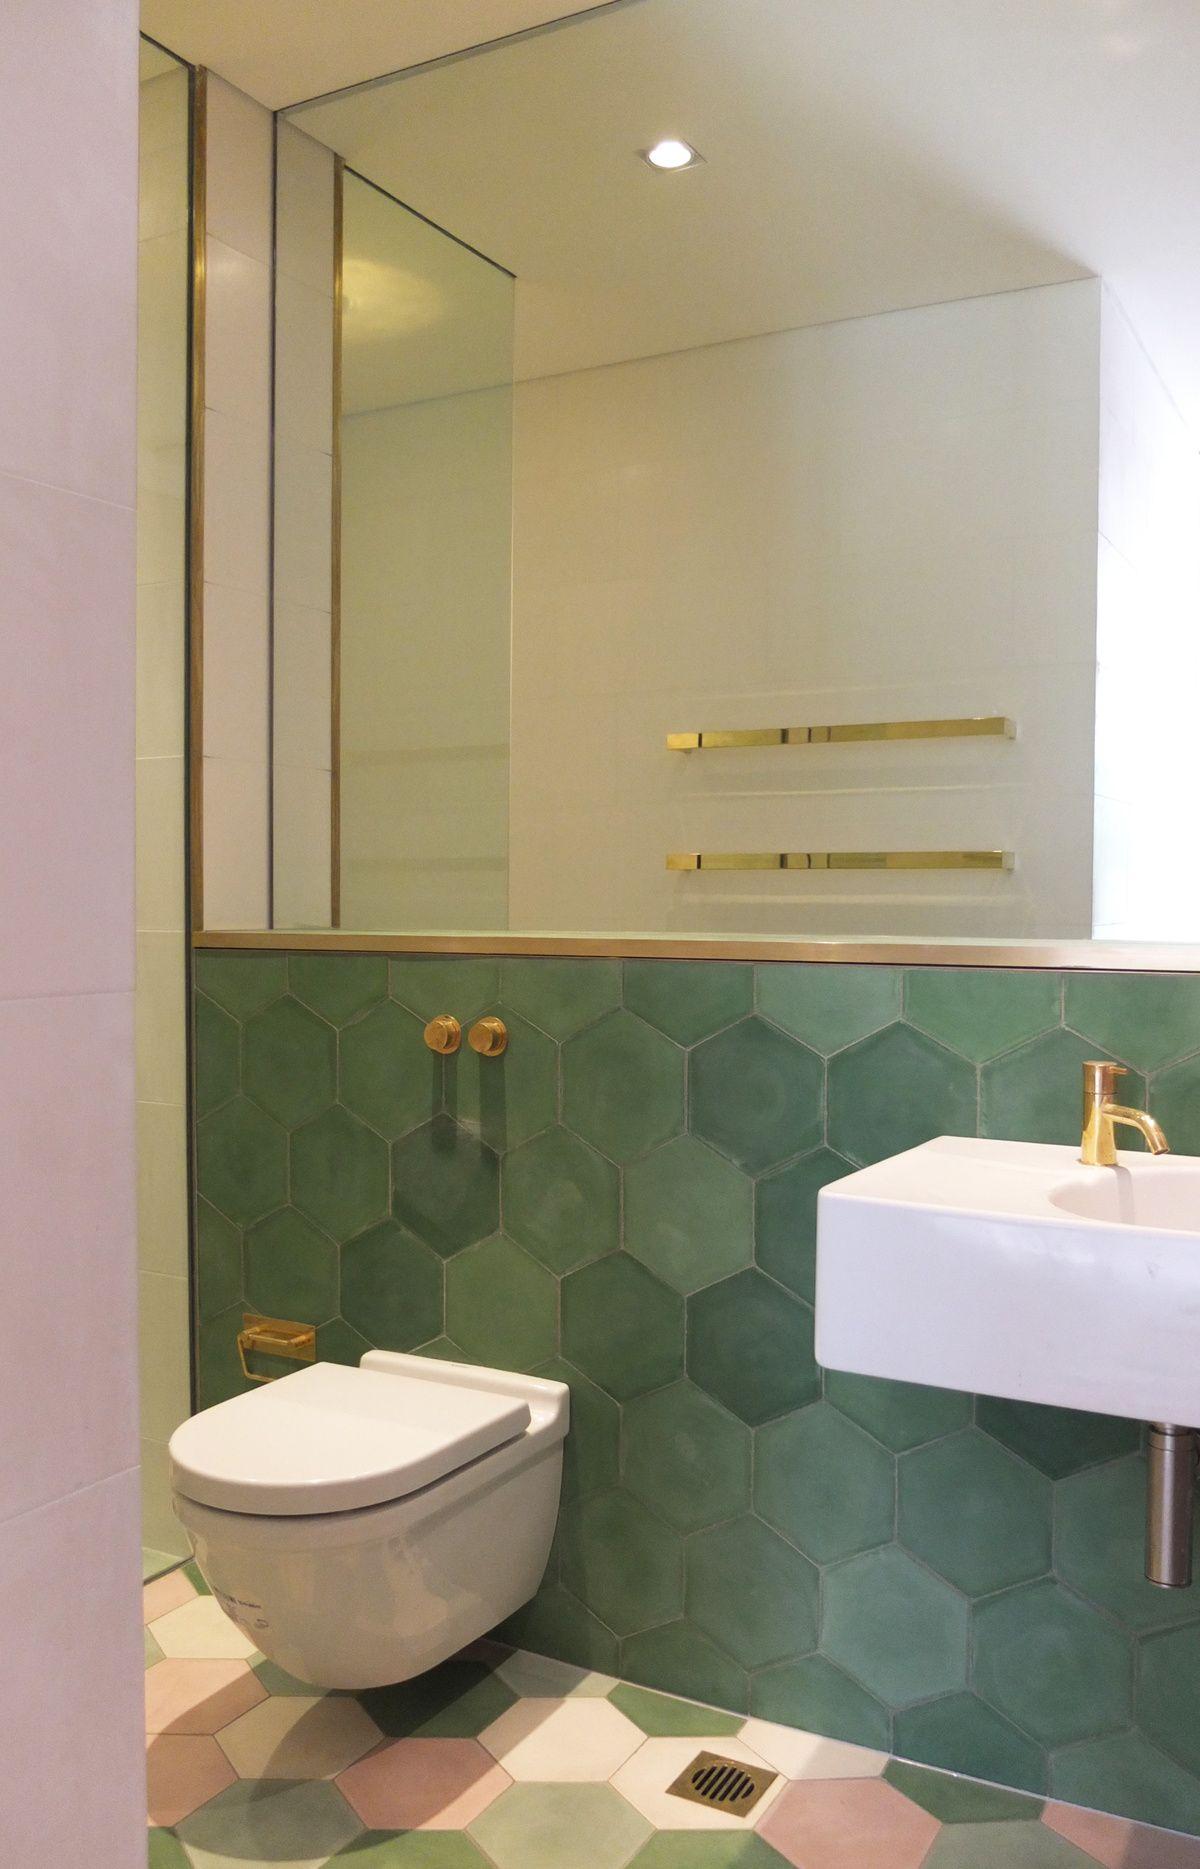 Miroir Salle De Bain Siehr ~ Toilettes D Coration Vert Dor S Et Blanc Salle De Bains